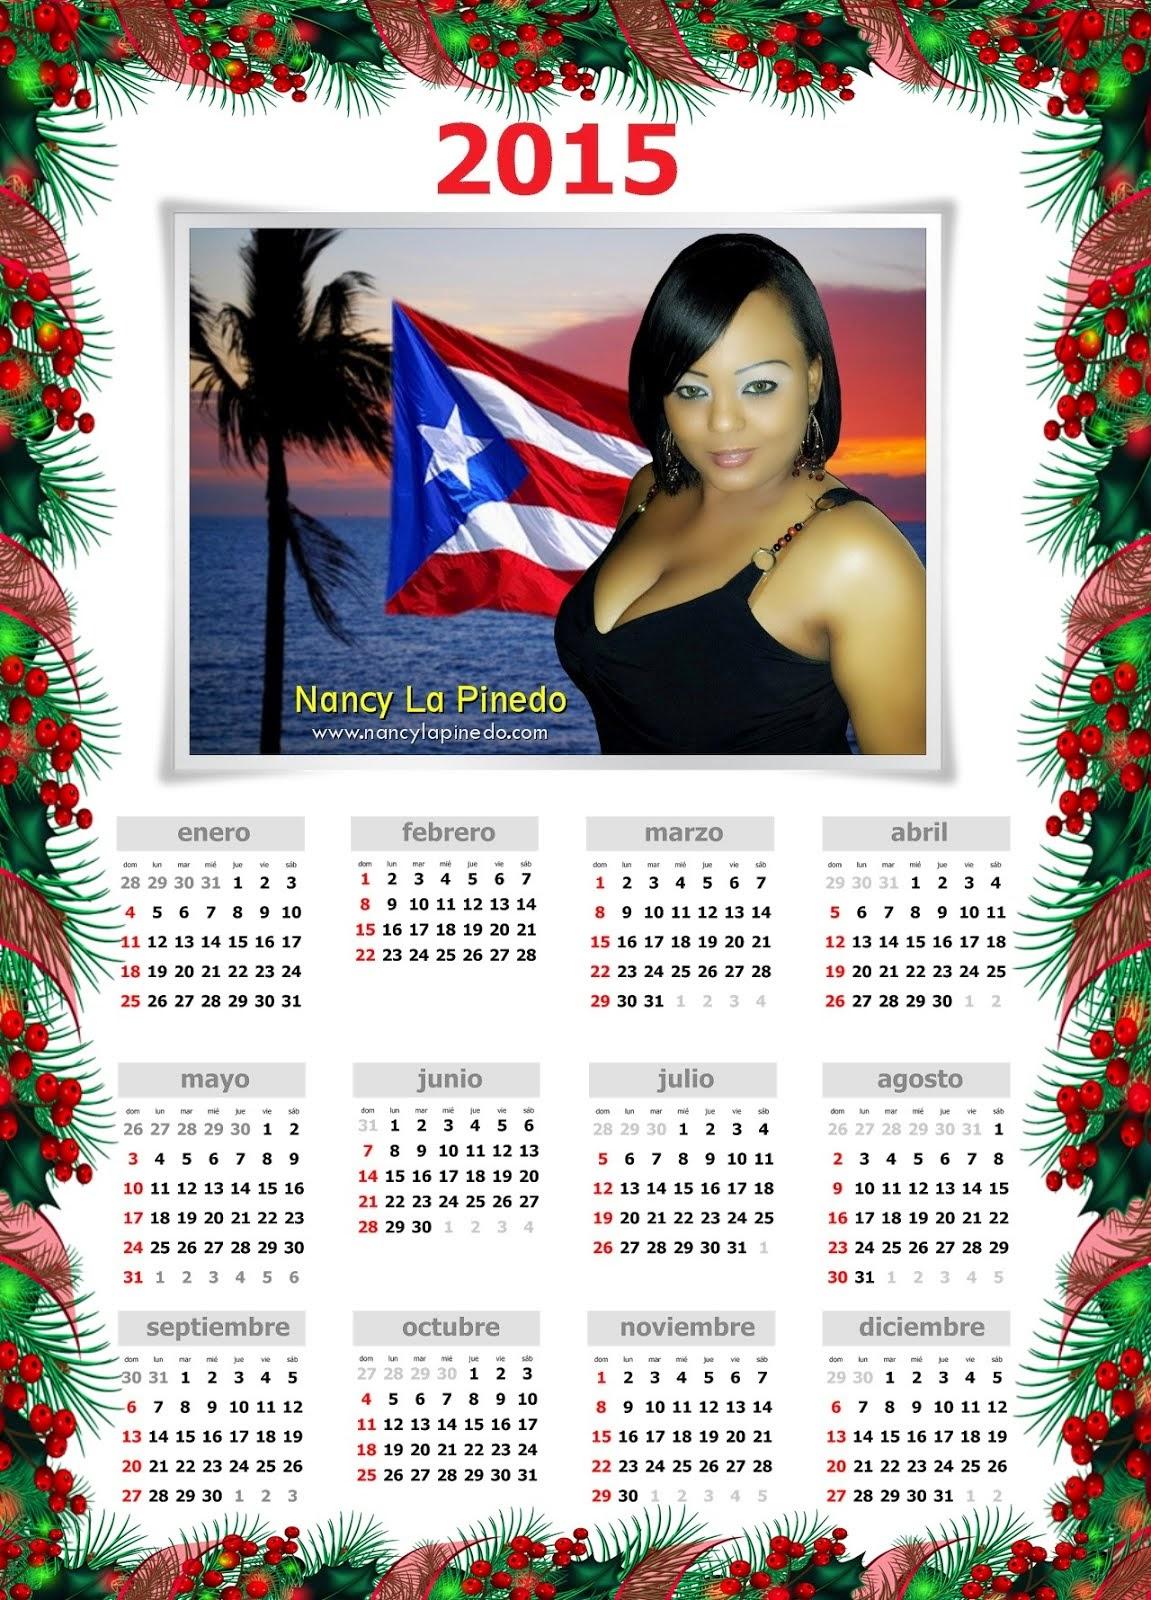 Calendario 2015 de Nancy La Pinedo - ¡Descárgalo Ahora!